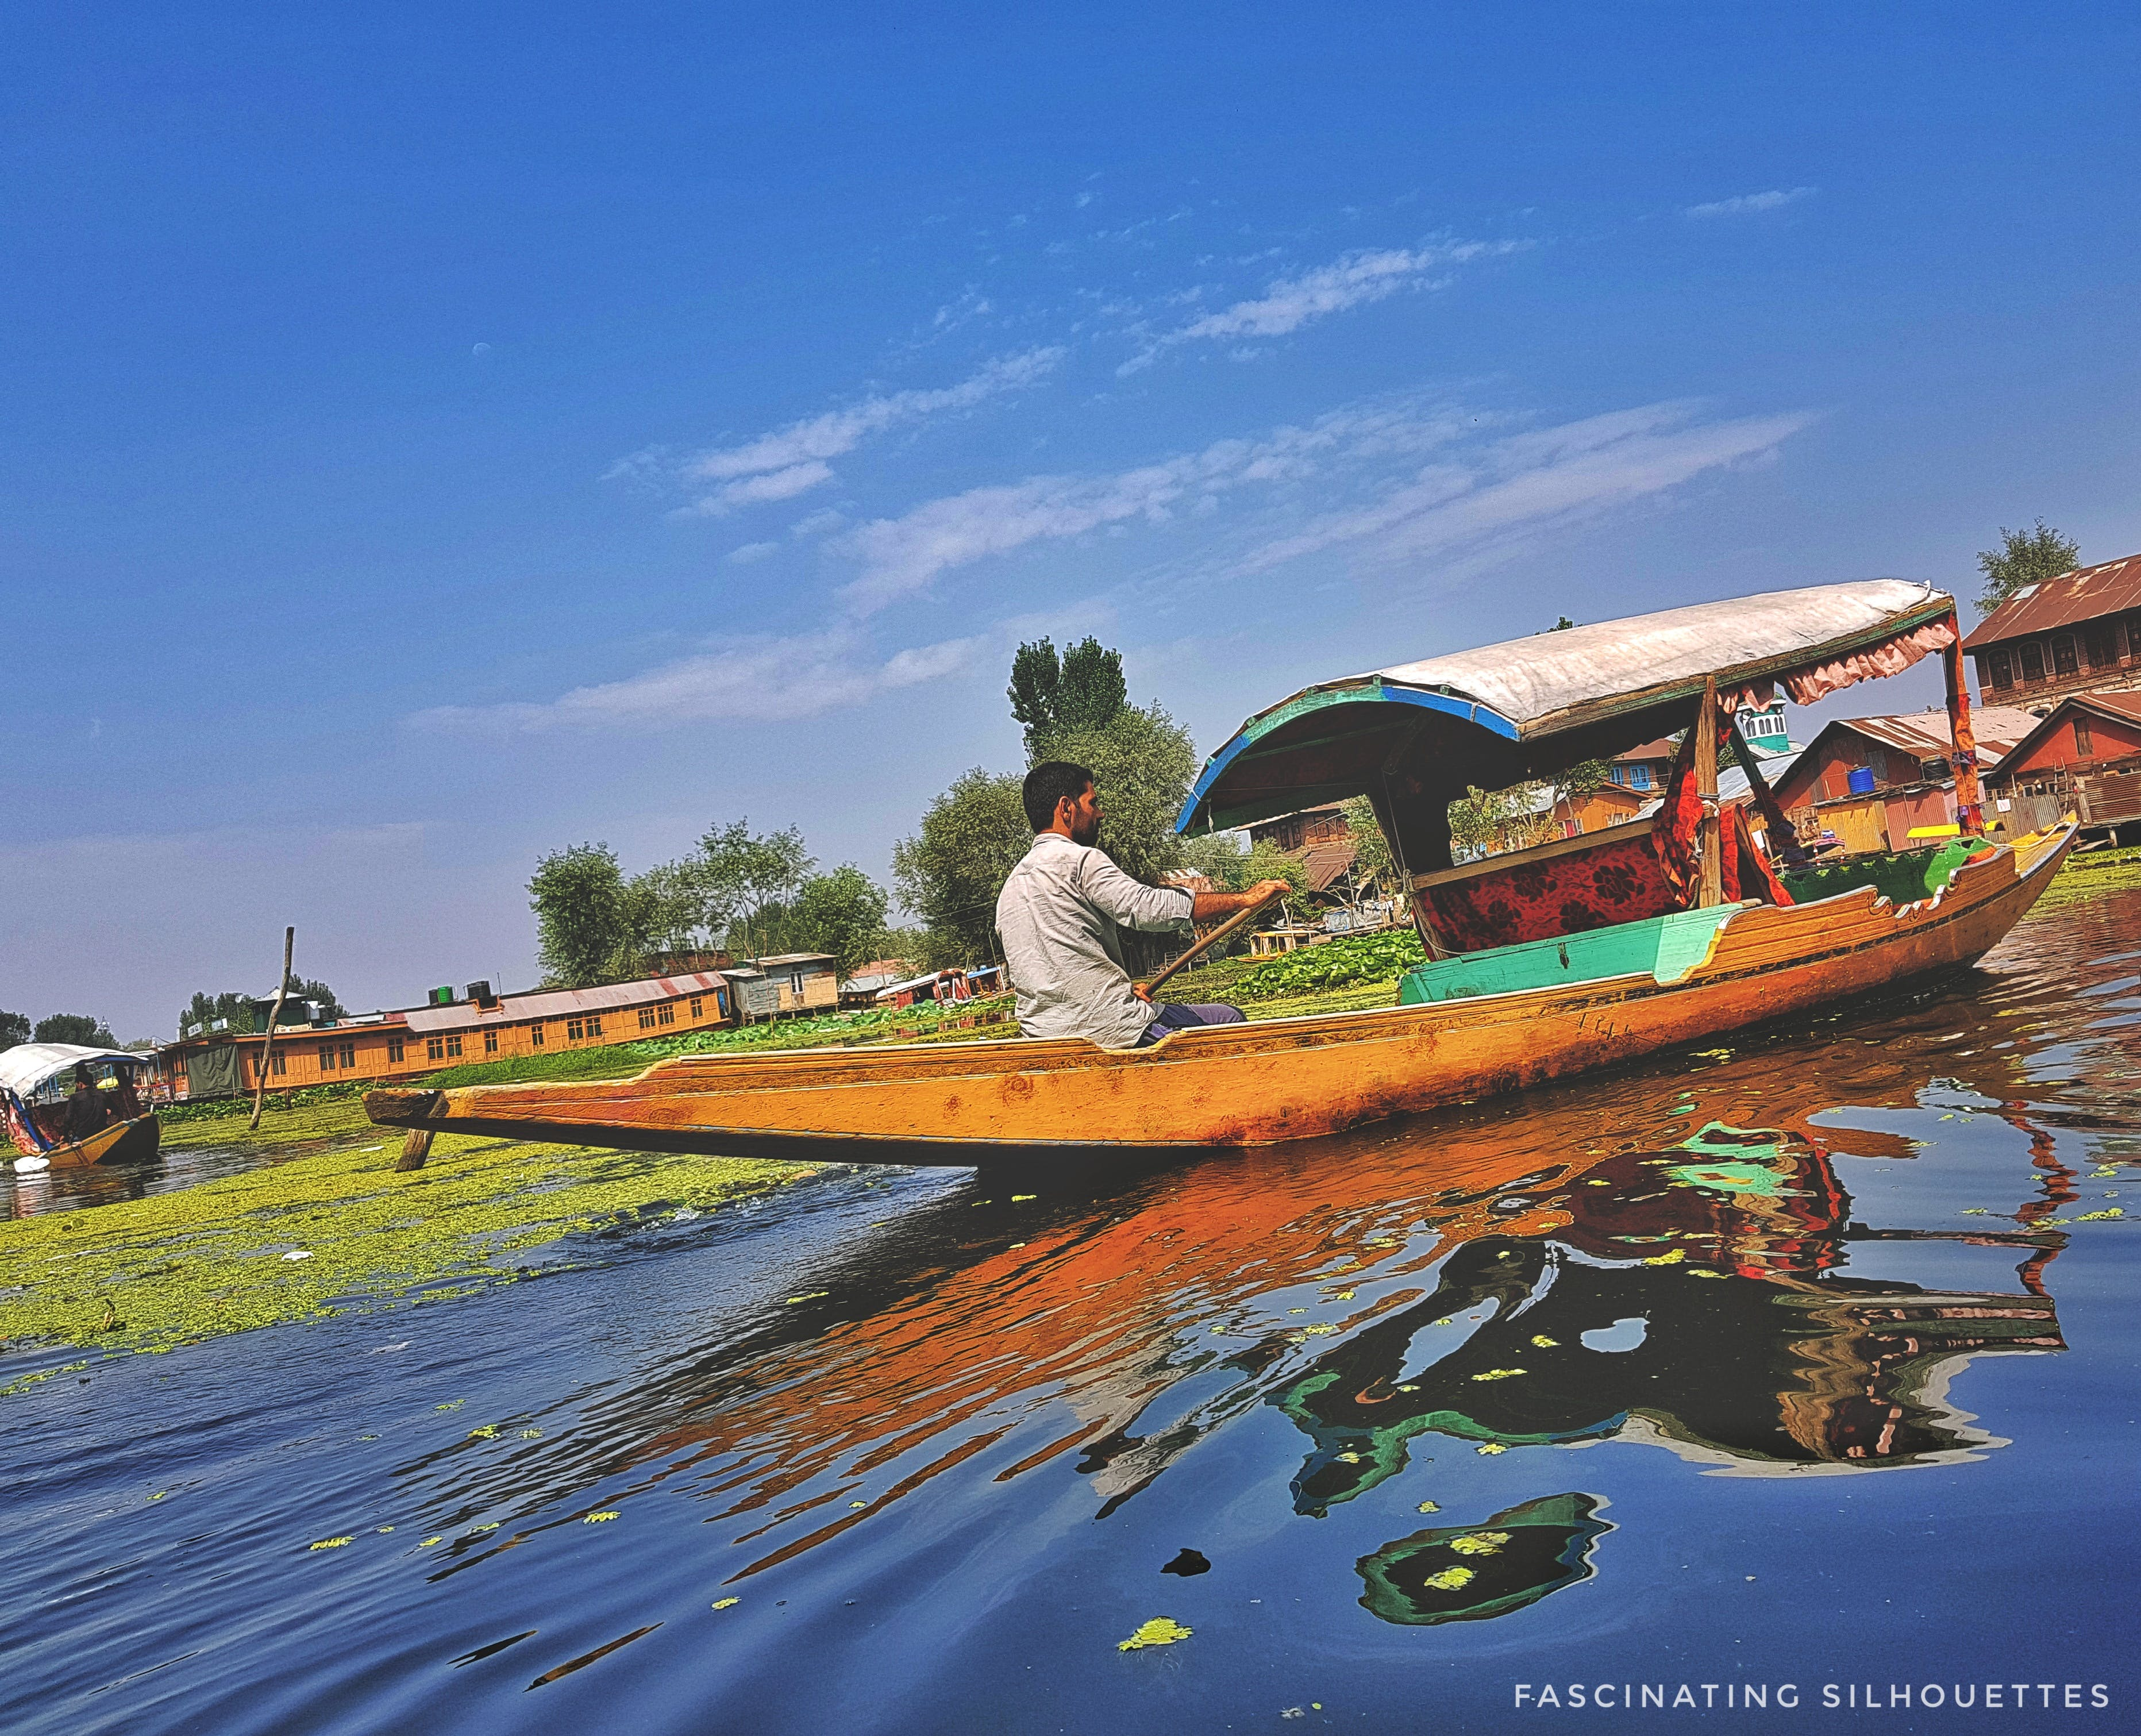 Ảnh lưu trữ miễn phí về Ấn Độ, chụp ảnh di động, chụp ảnh phong cảnh, Hình nền 4k